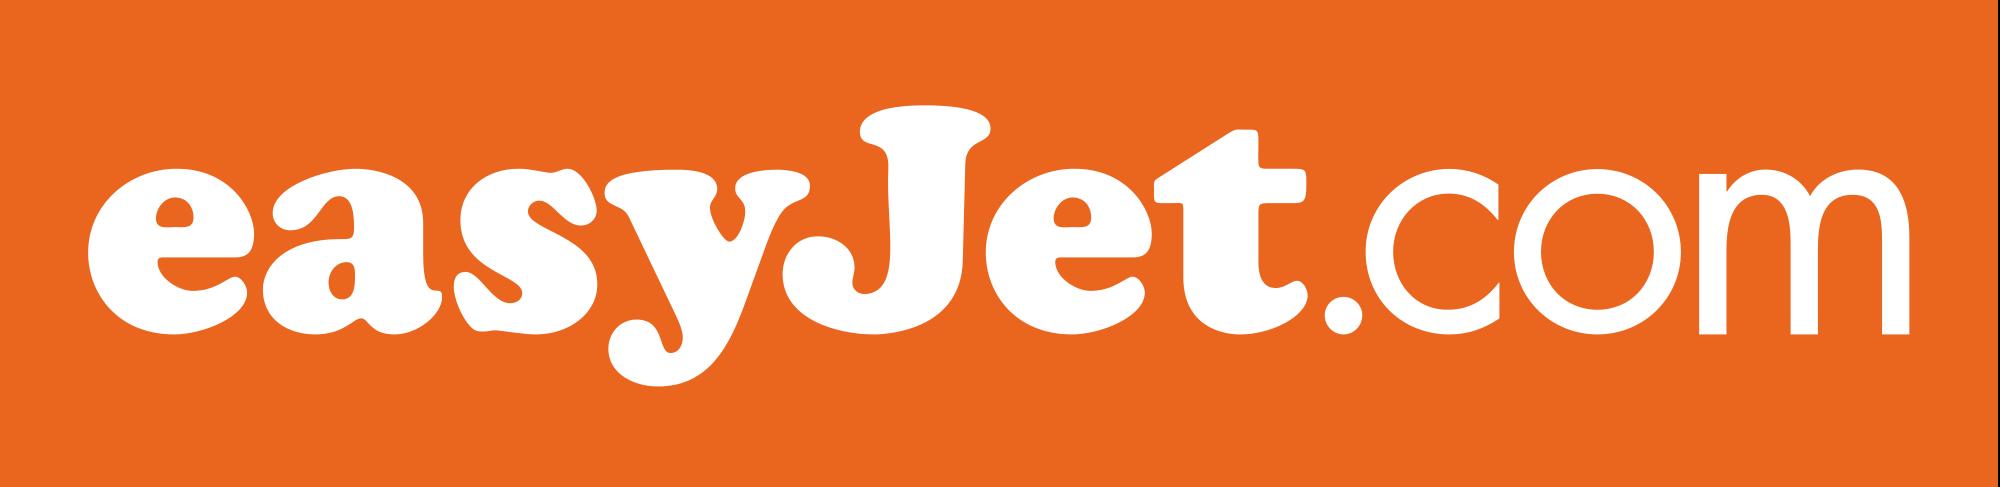 Easyjet Logo PNG